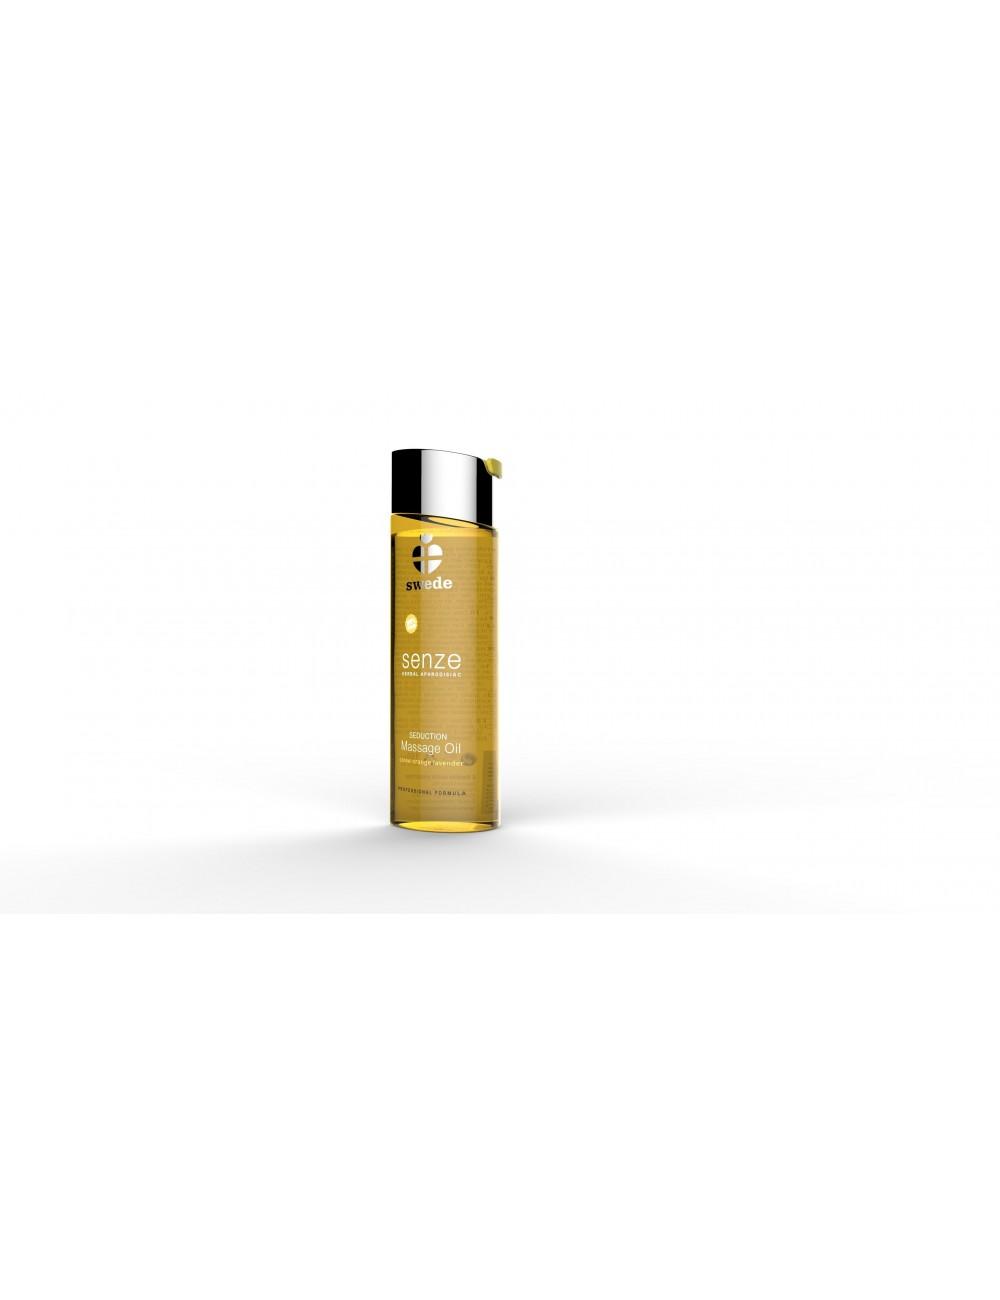 Huile de massage extraits naturels orange Douce Senze Seduction 75 ML - Huiles de massage - Swede